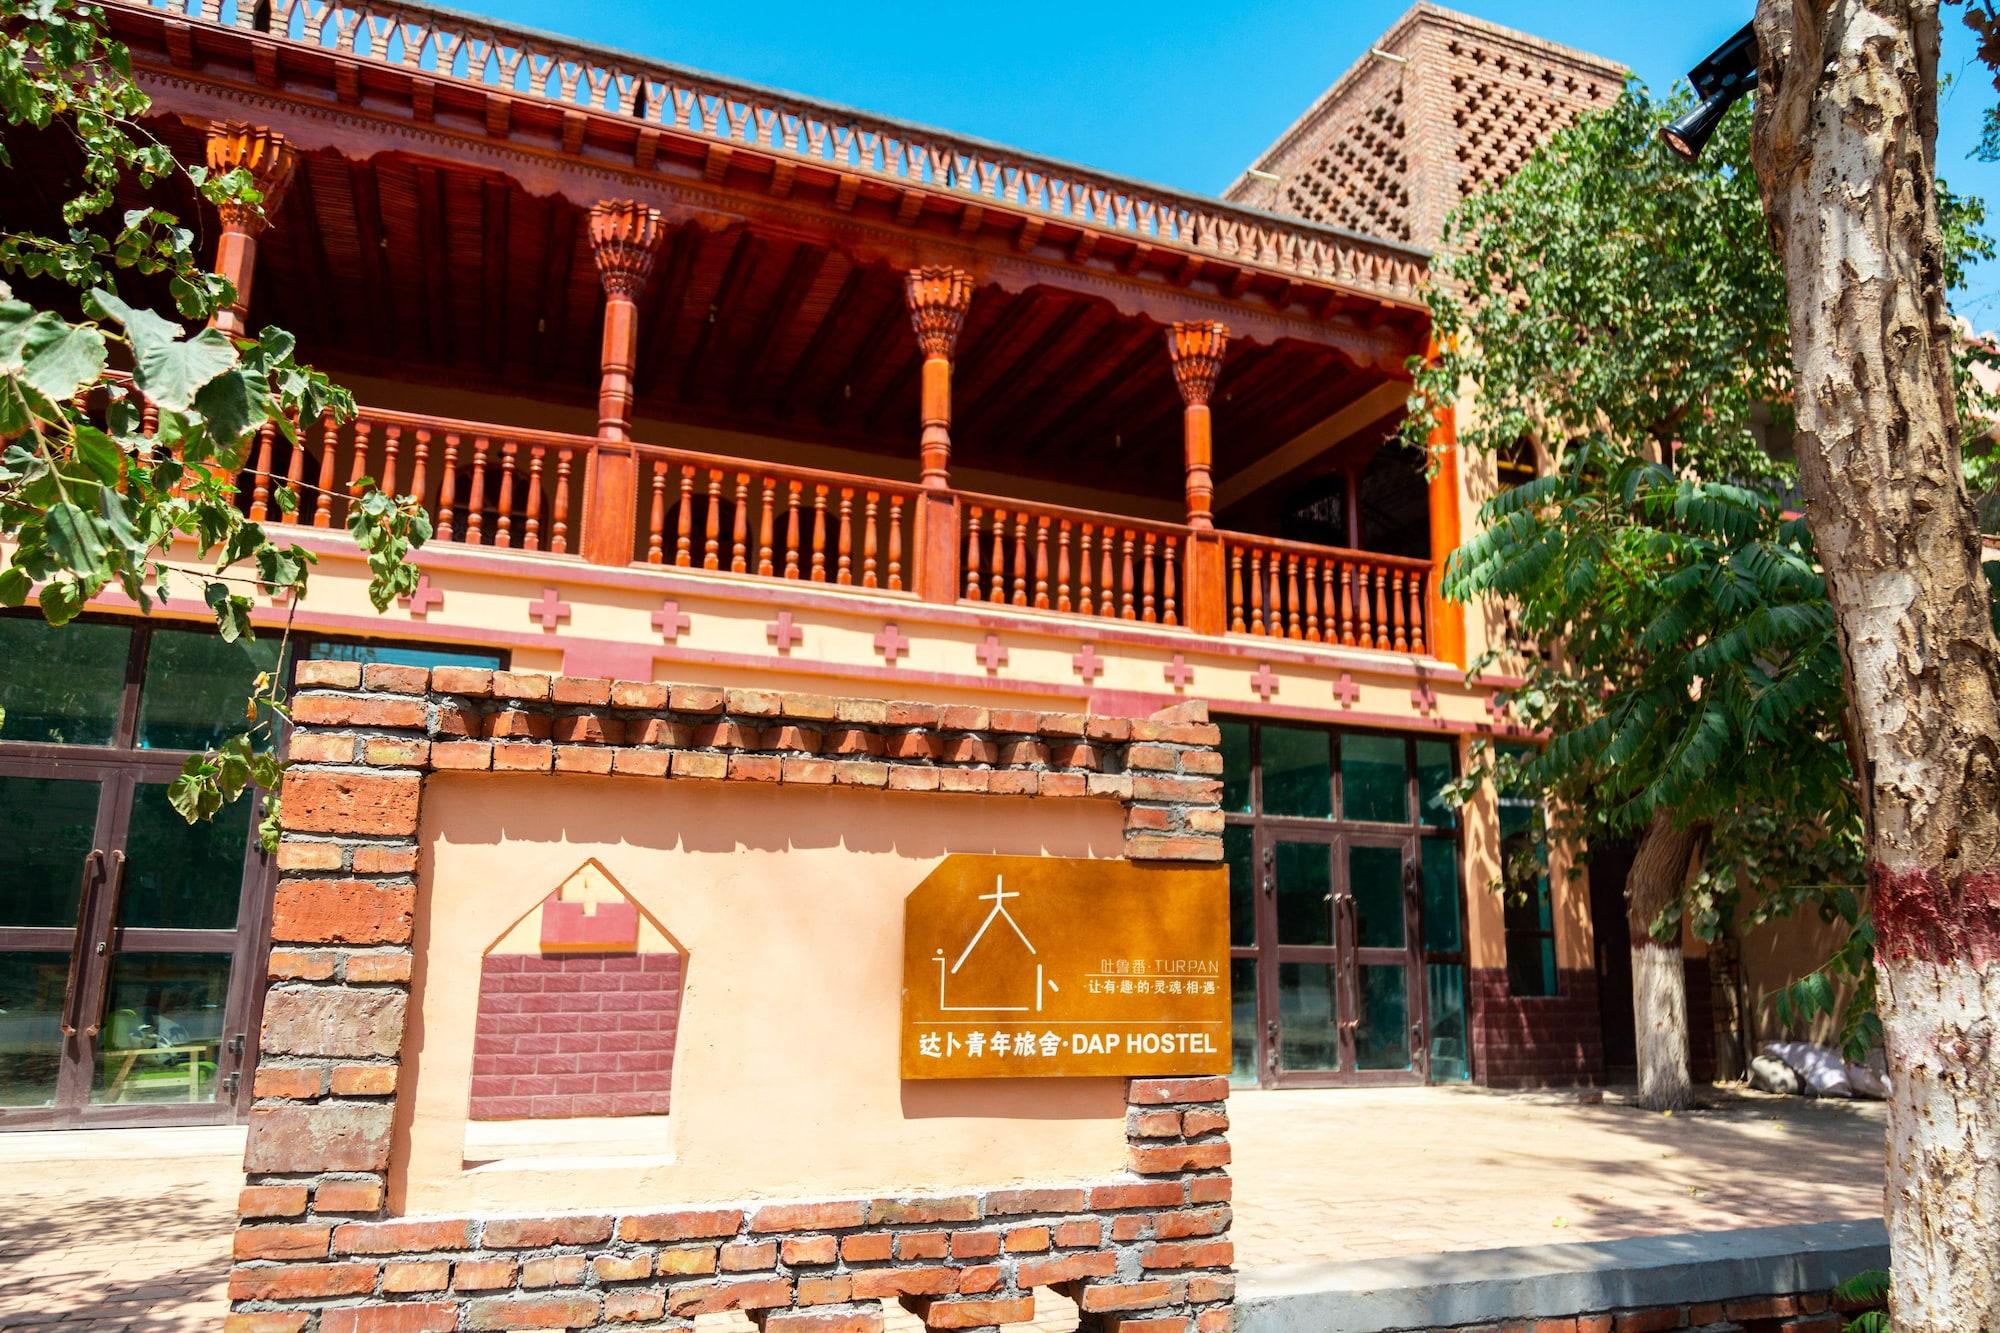 New Dap Hostel in Grape Town, Turfan